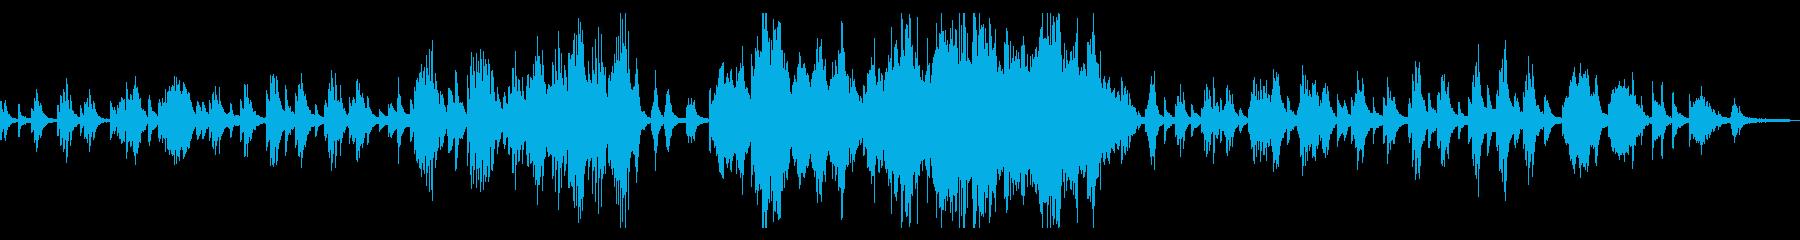 ドビュッシー「月の光」原曲ピアノソロの再生済みの波形